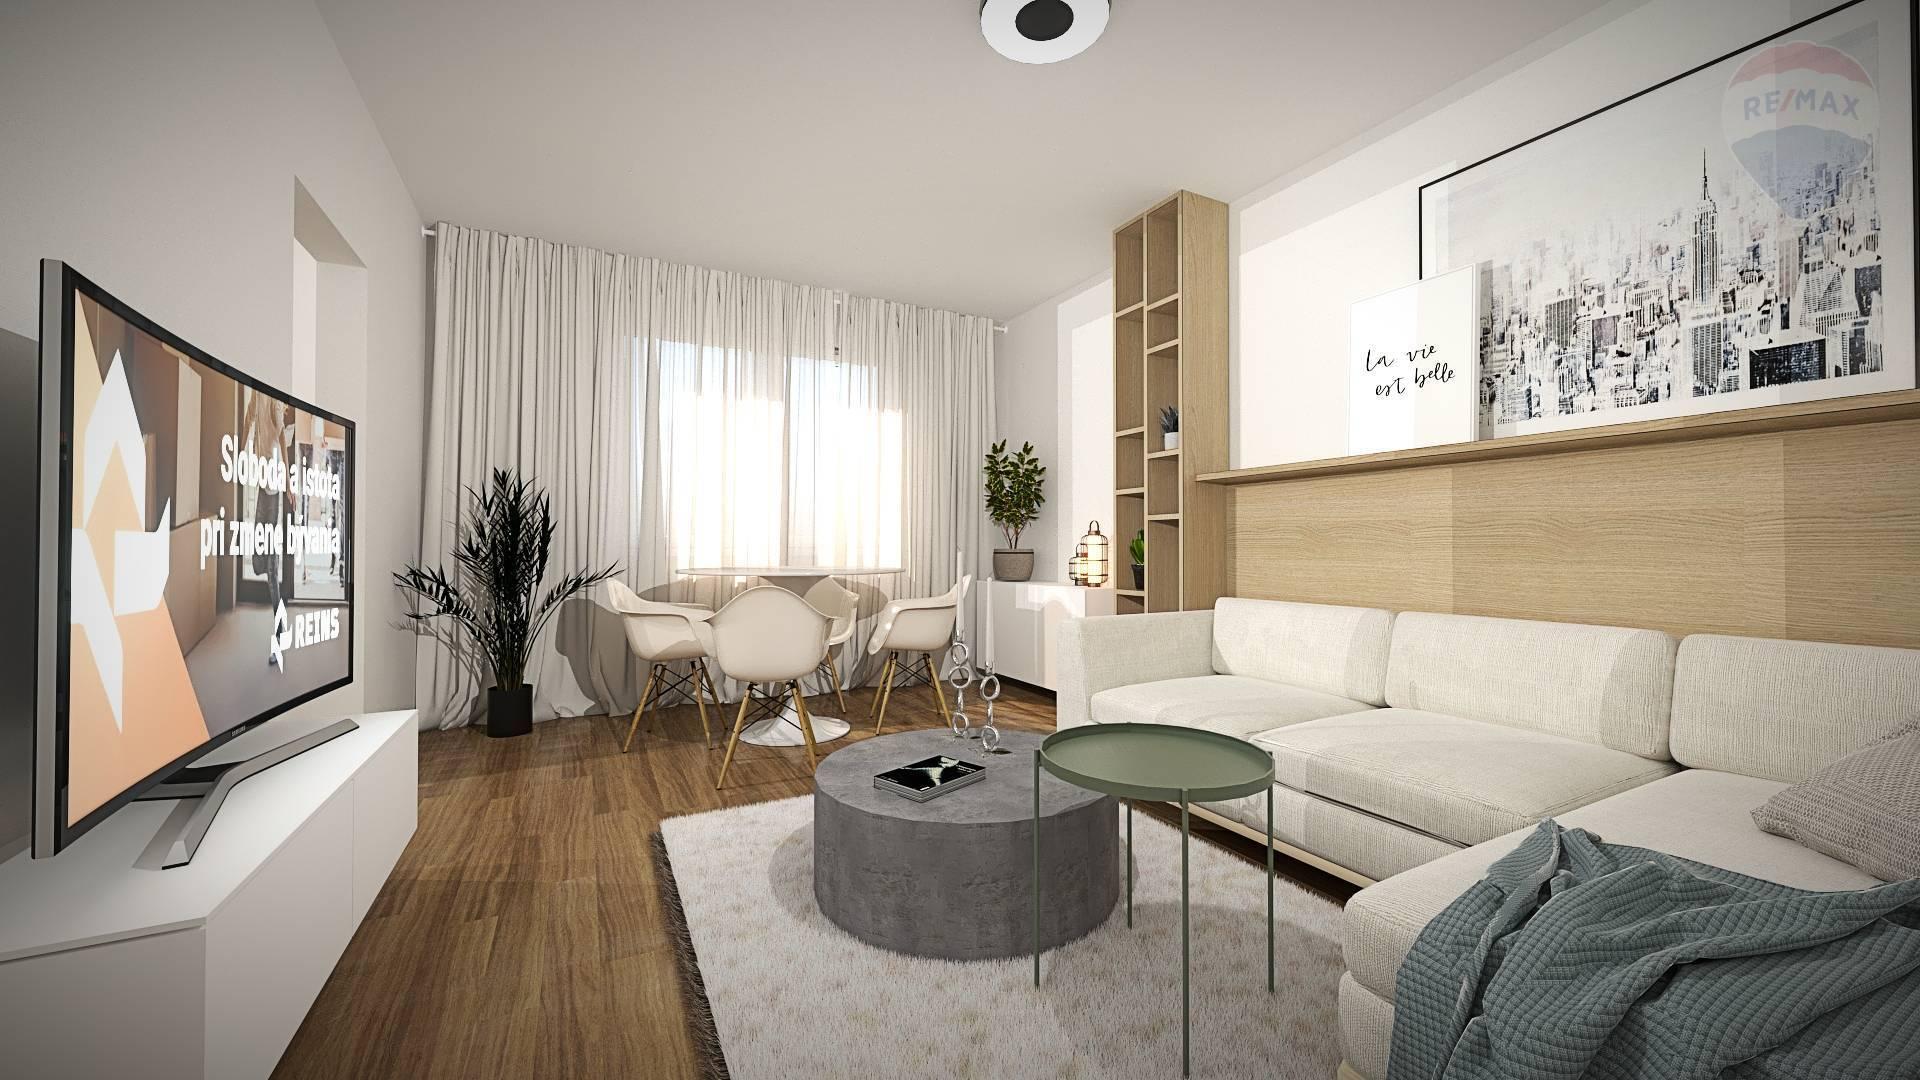 Predaj 3 izb. bytu po novej kompletnej rekonštrukcii, Lotyšská ulica